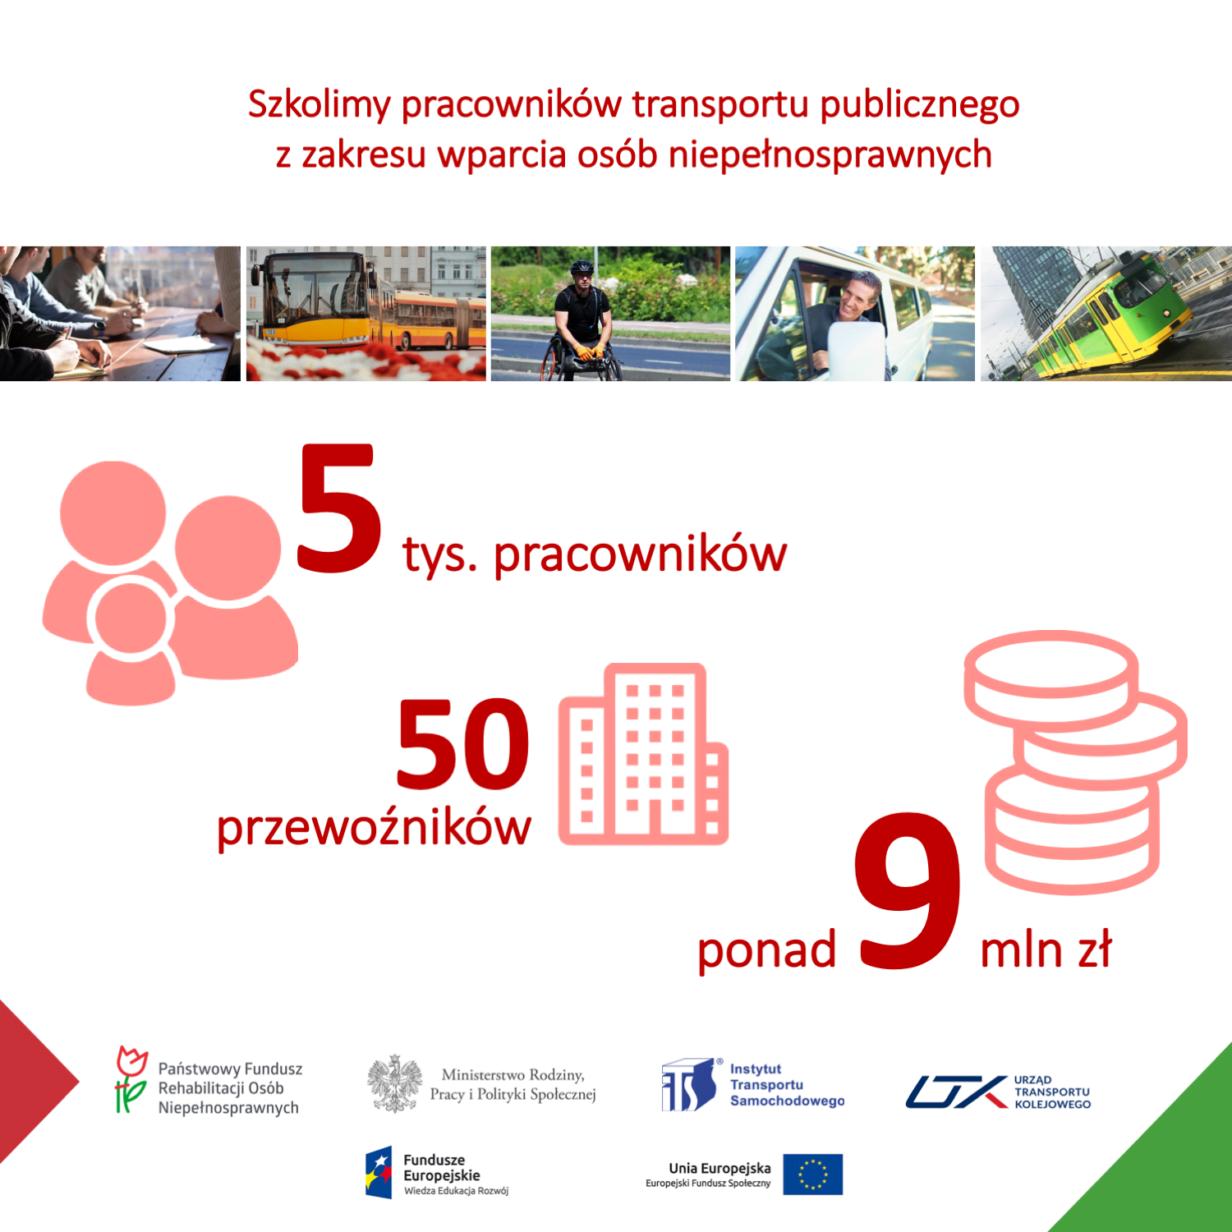 Szkolenia dla pracowników transportu publicznego